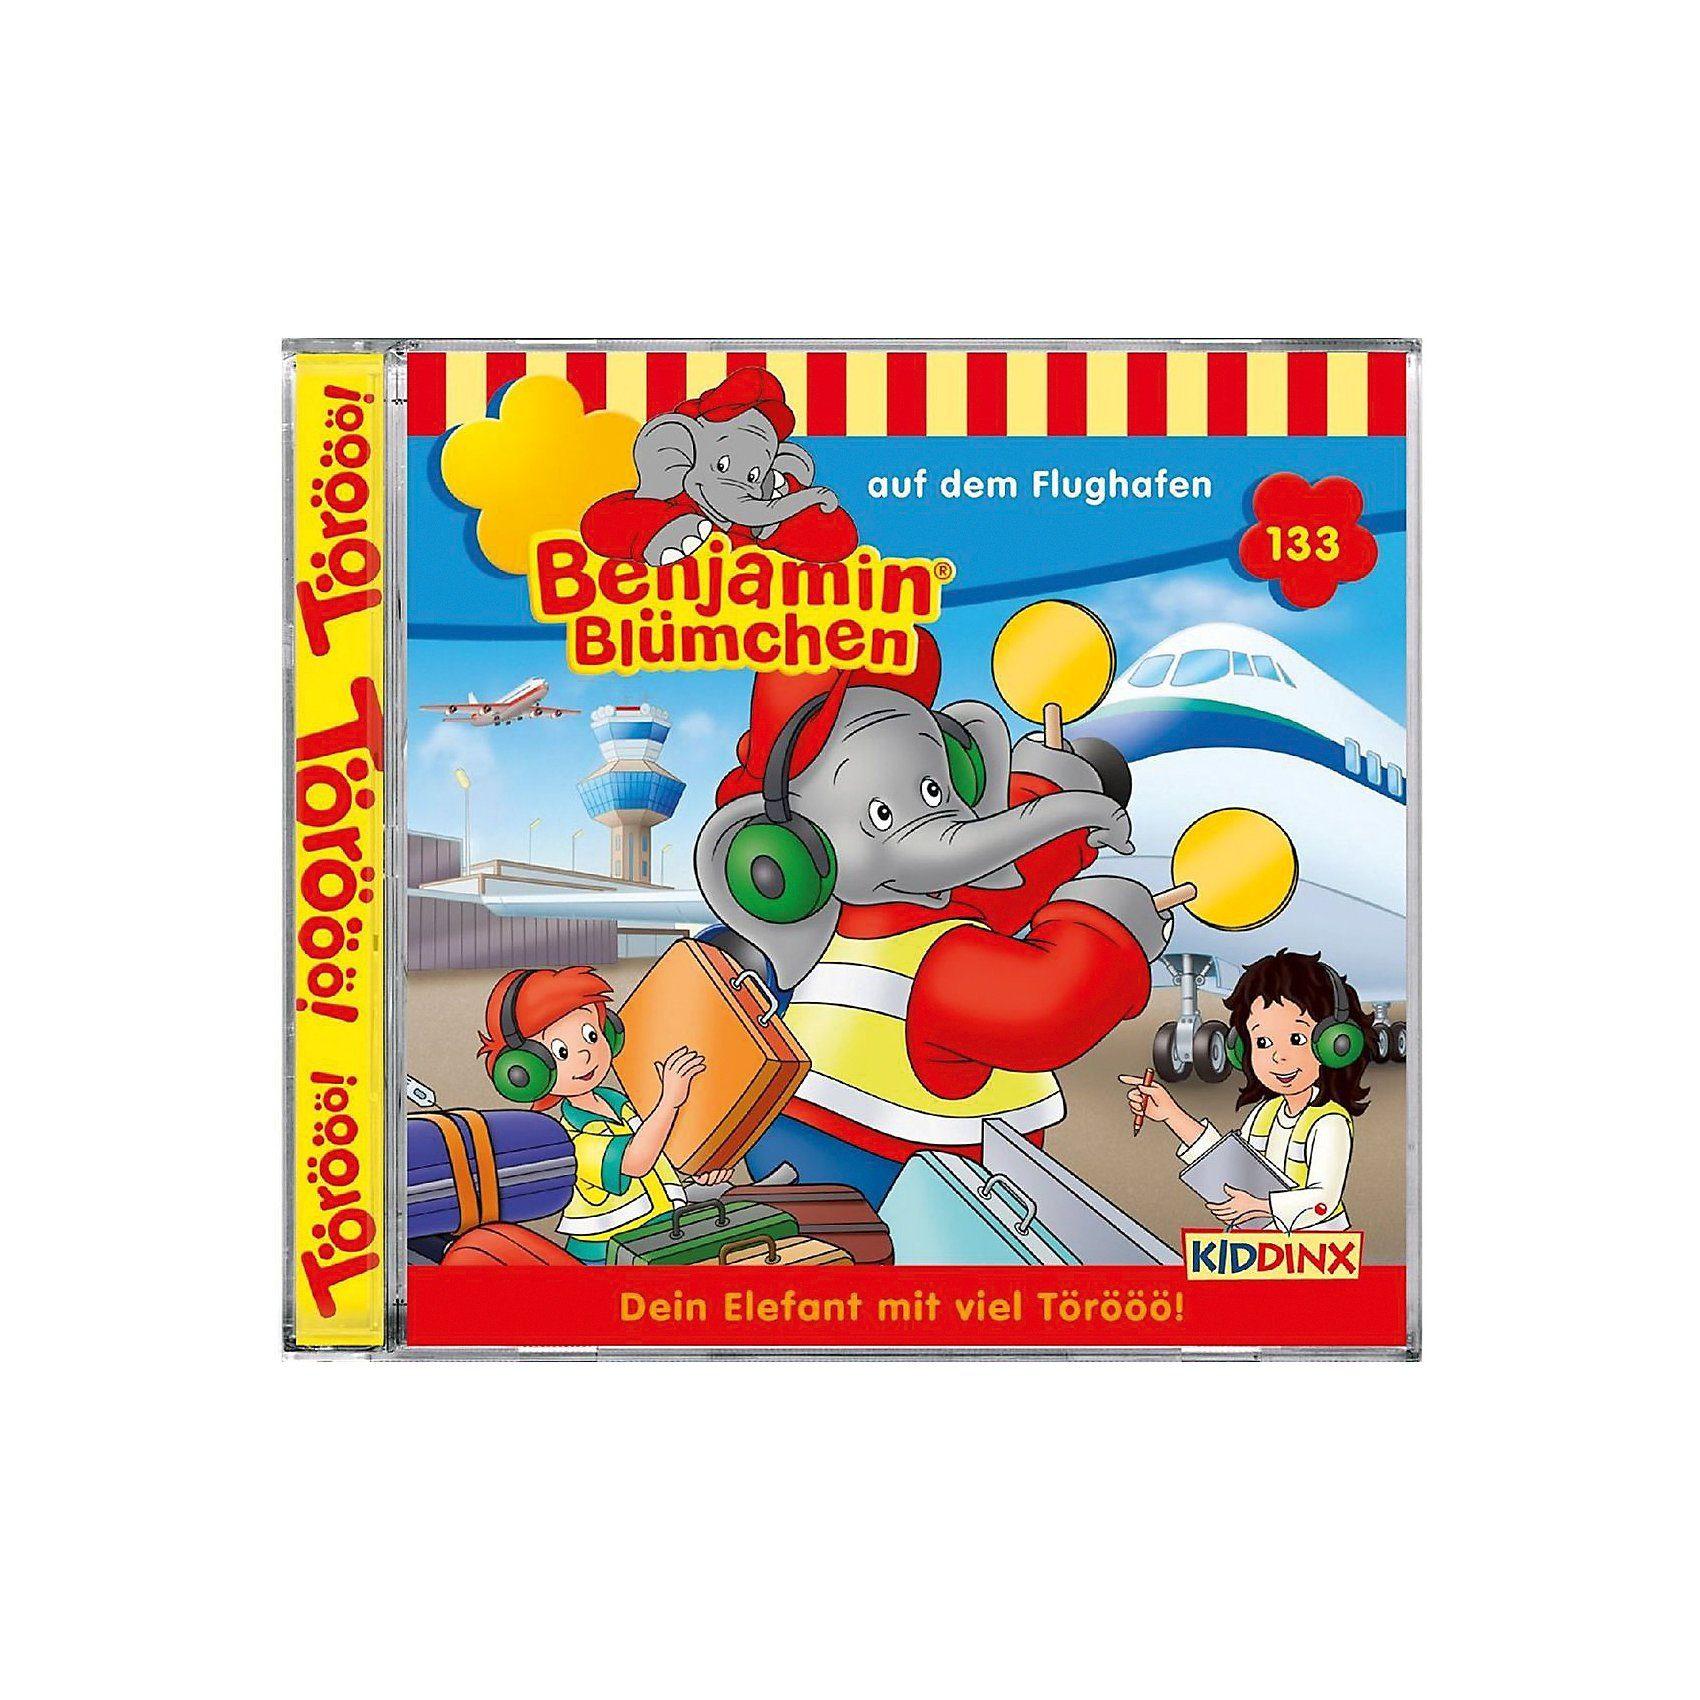 Kiddinx CD Benjamin Blümchen - Auf dem Flughafen (133)